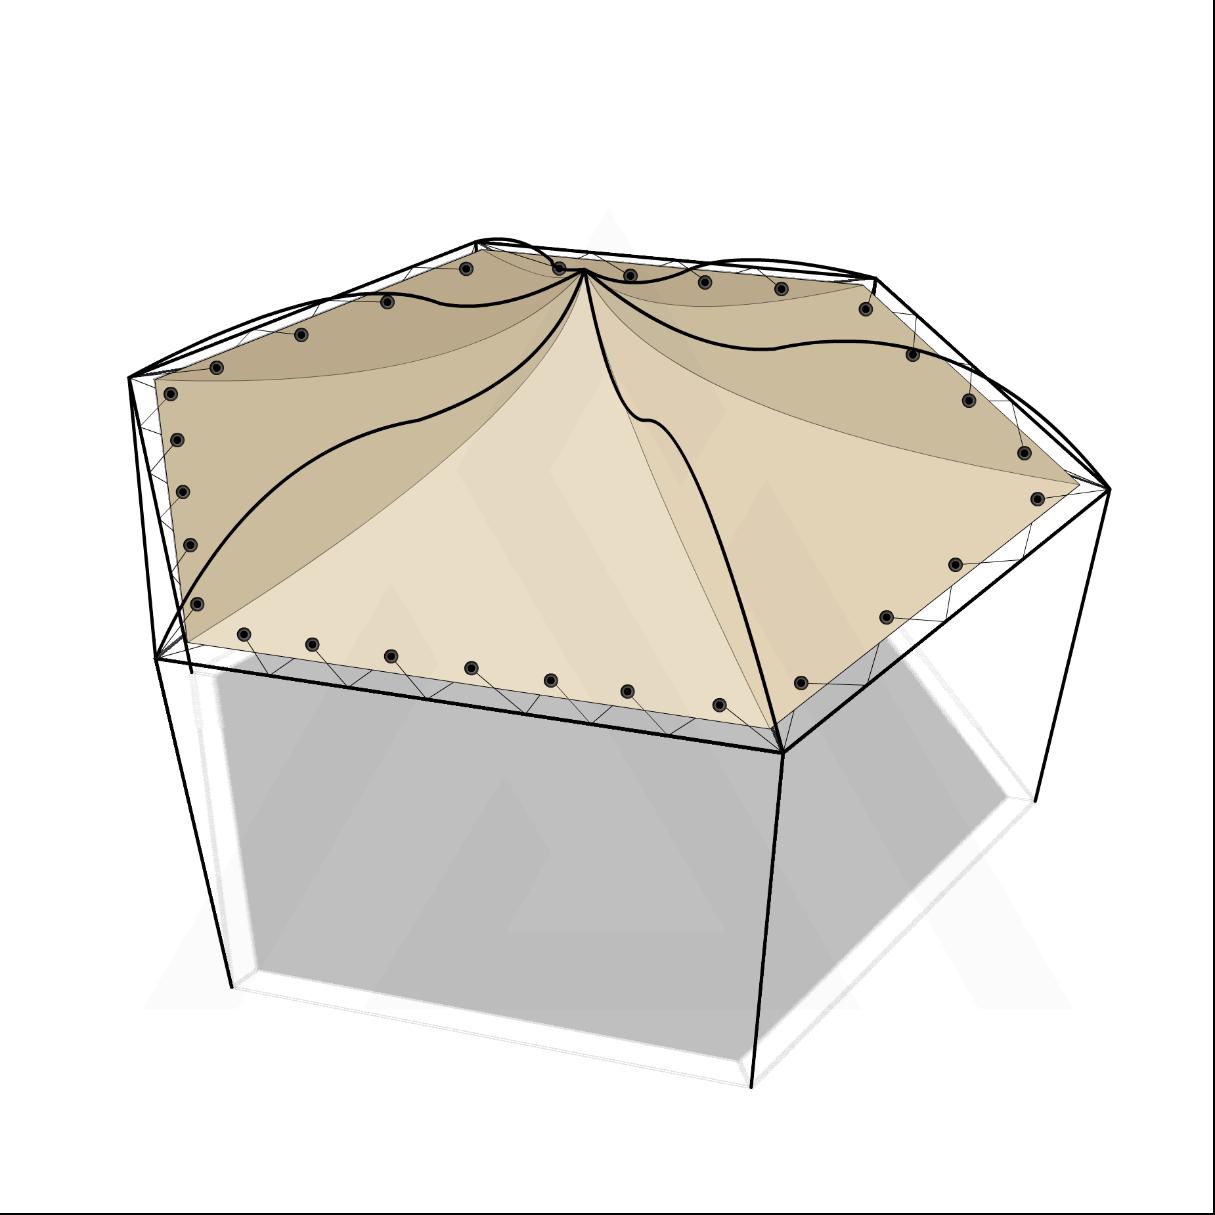 Bâche tonnelle hexagonale suspendue